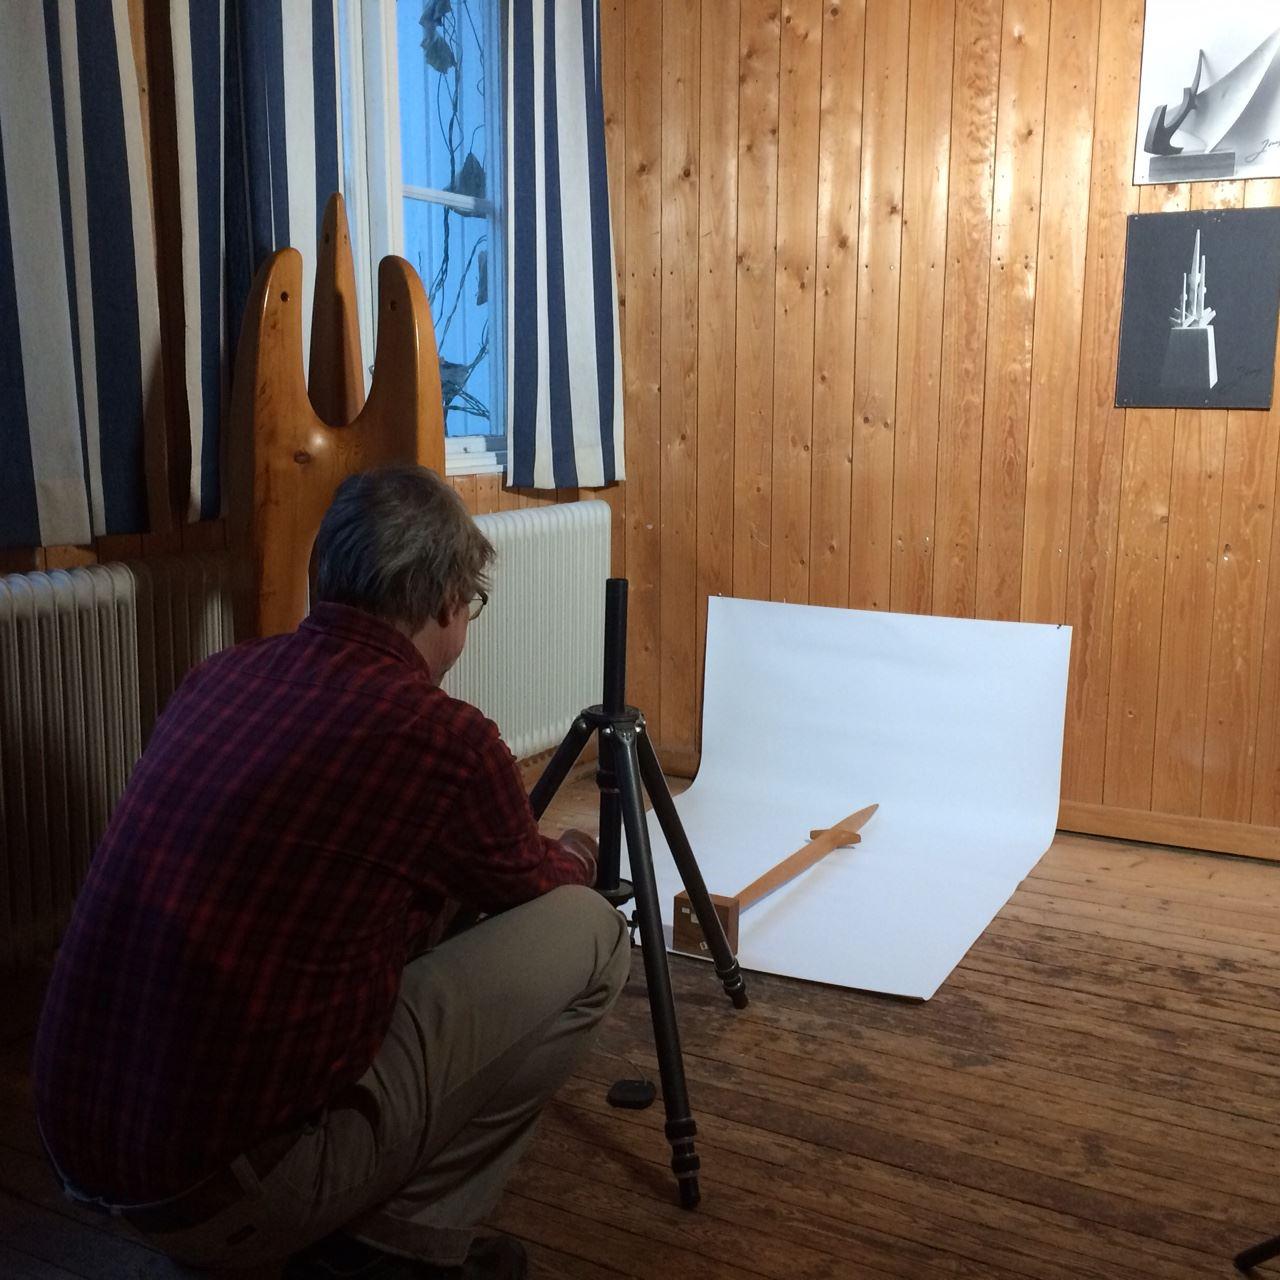 Sommaröppet Johnny Mattsson-gården, ett konstnärshem i Gamla Gefle